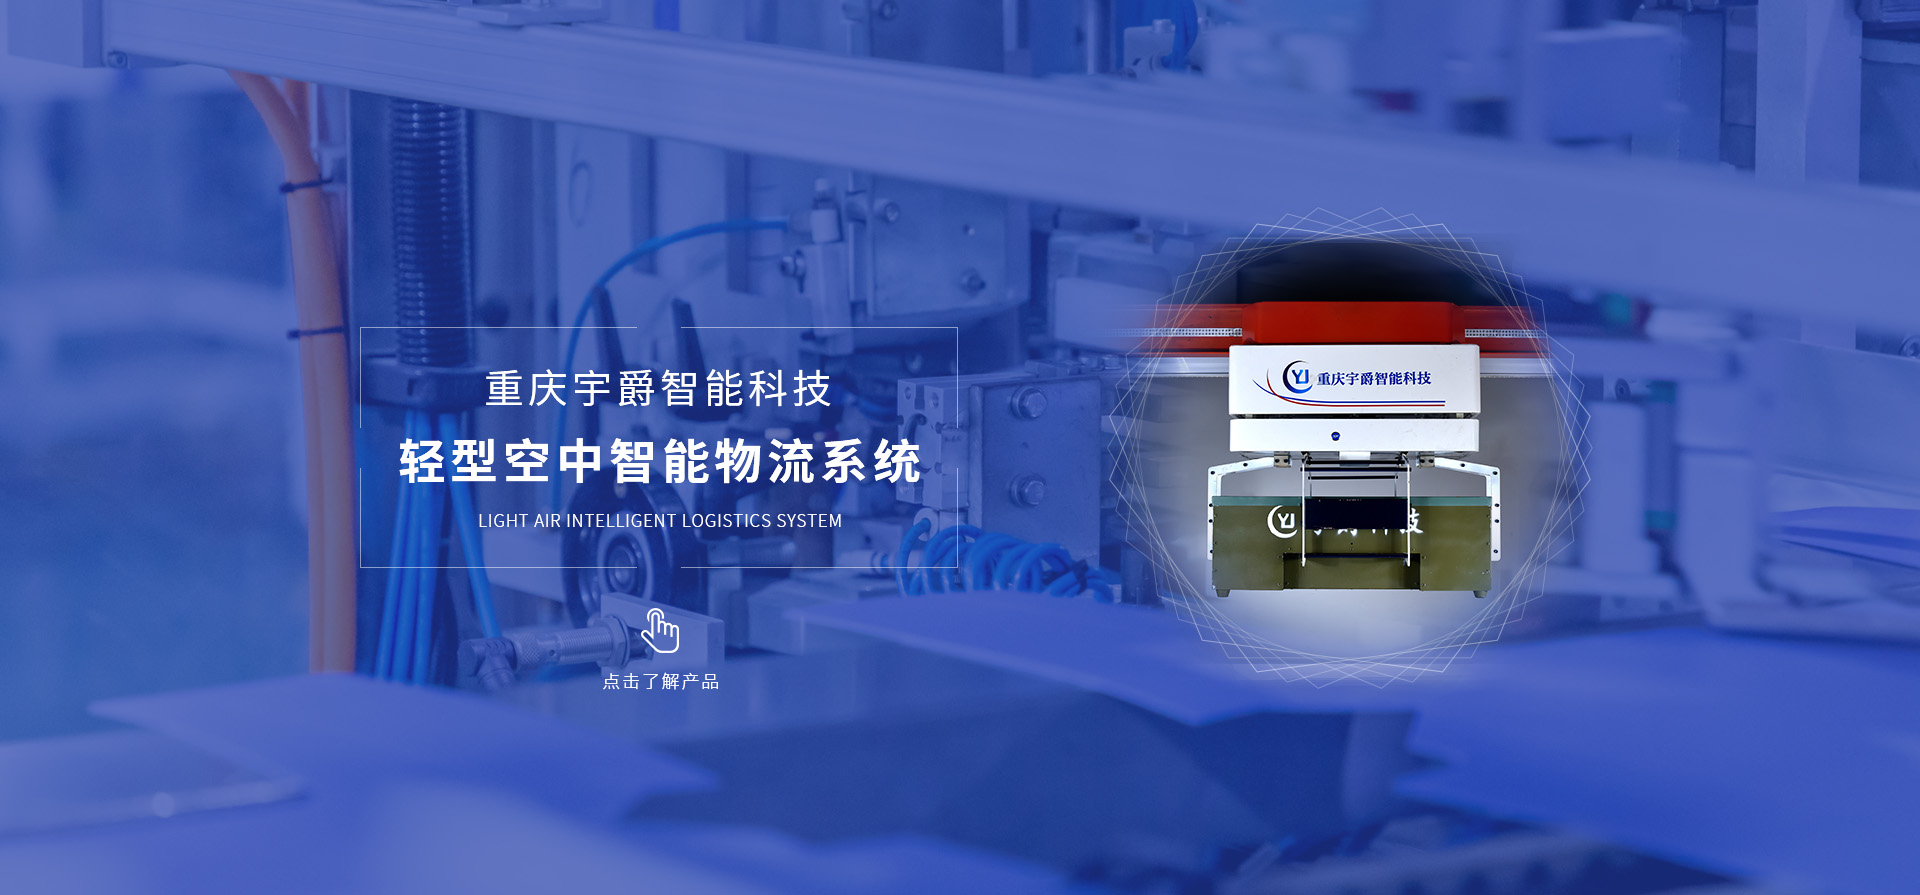 重庆空中智能传菜系统